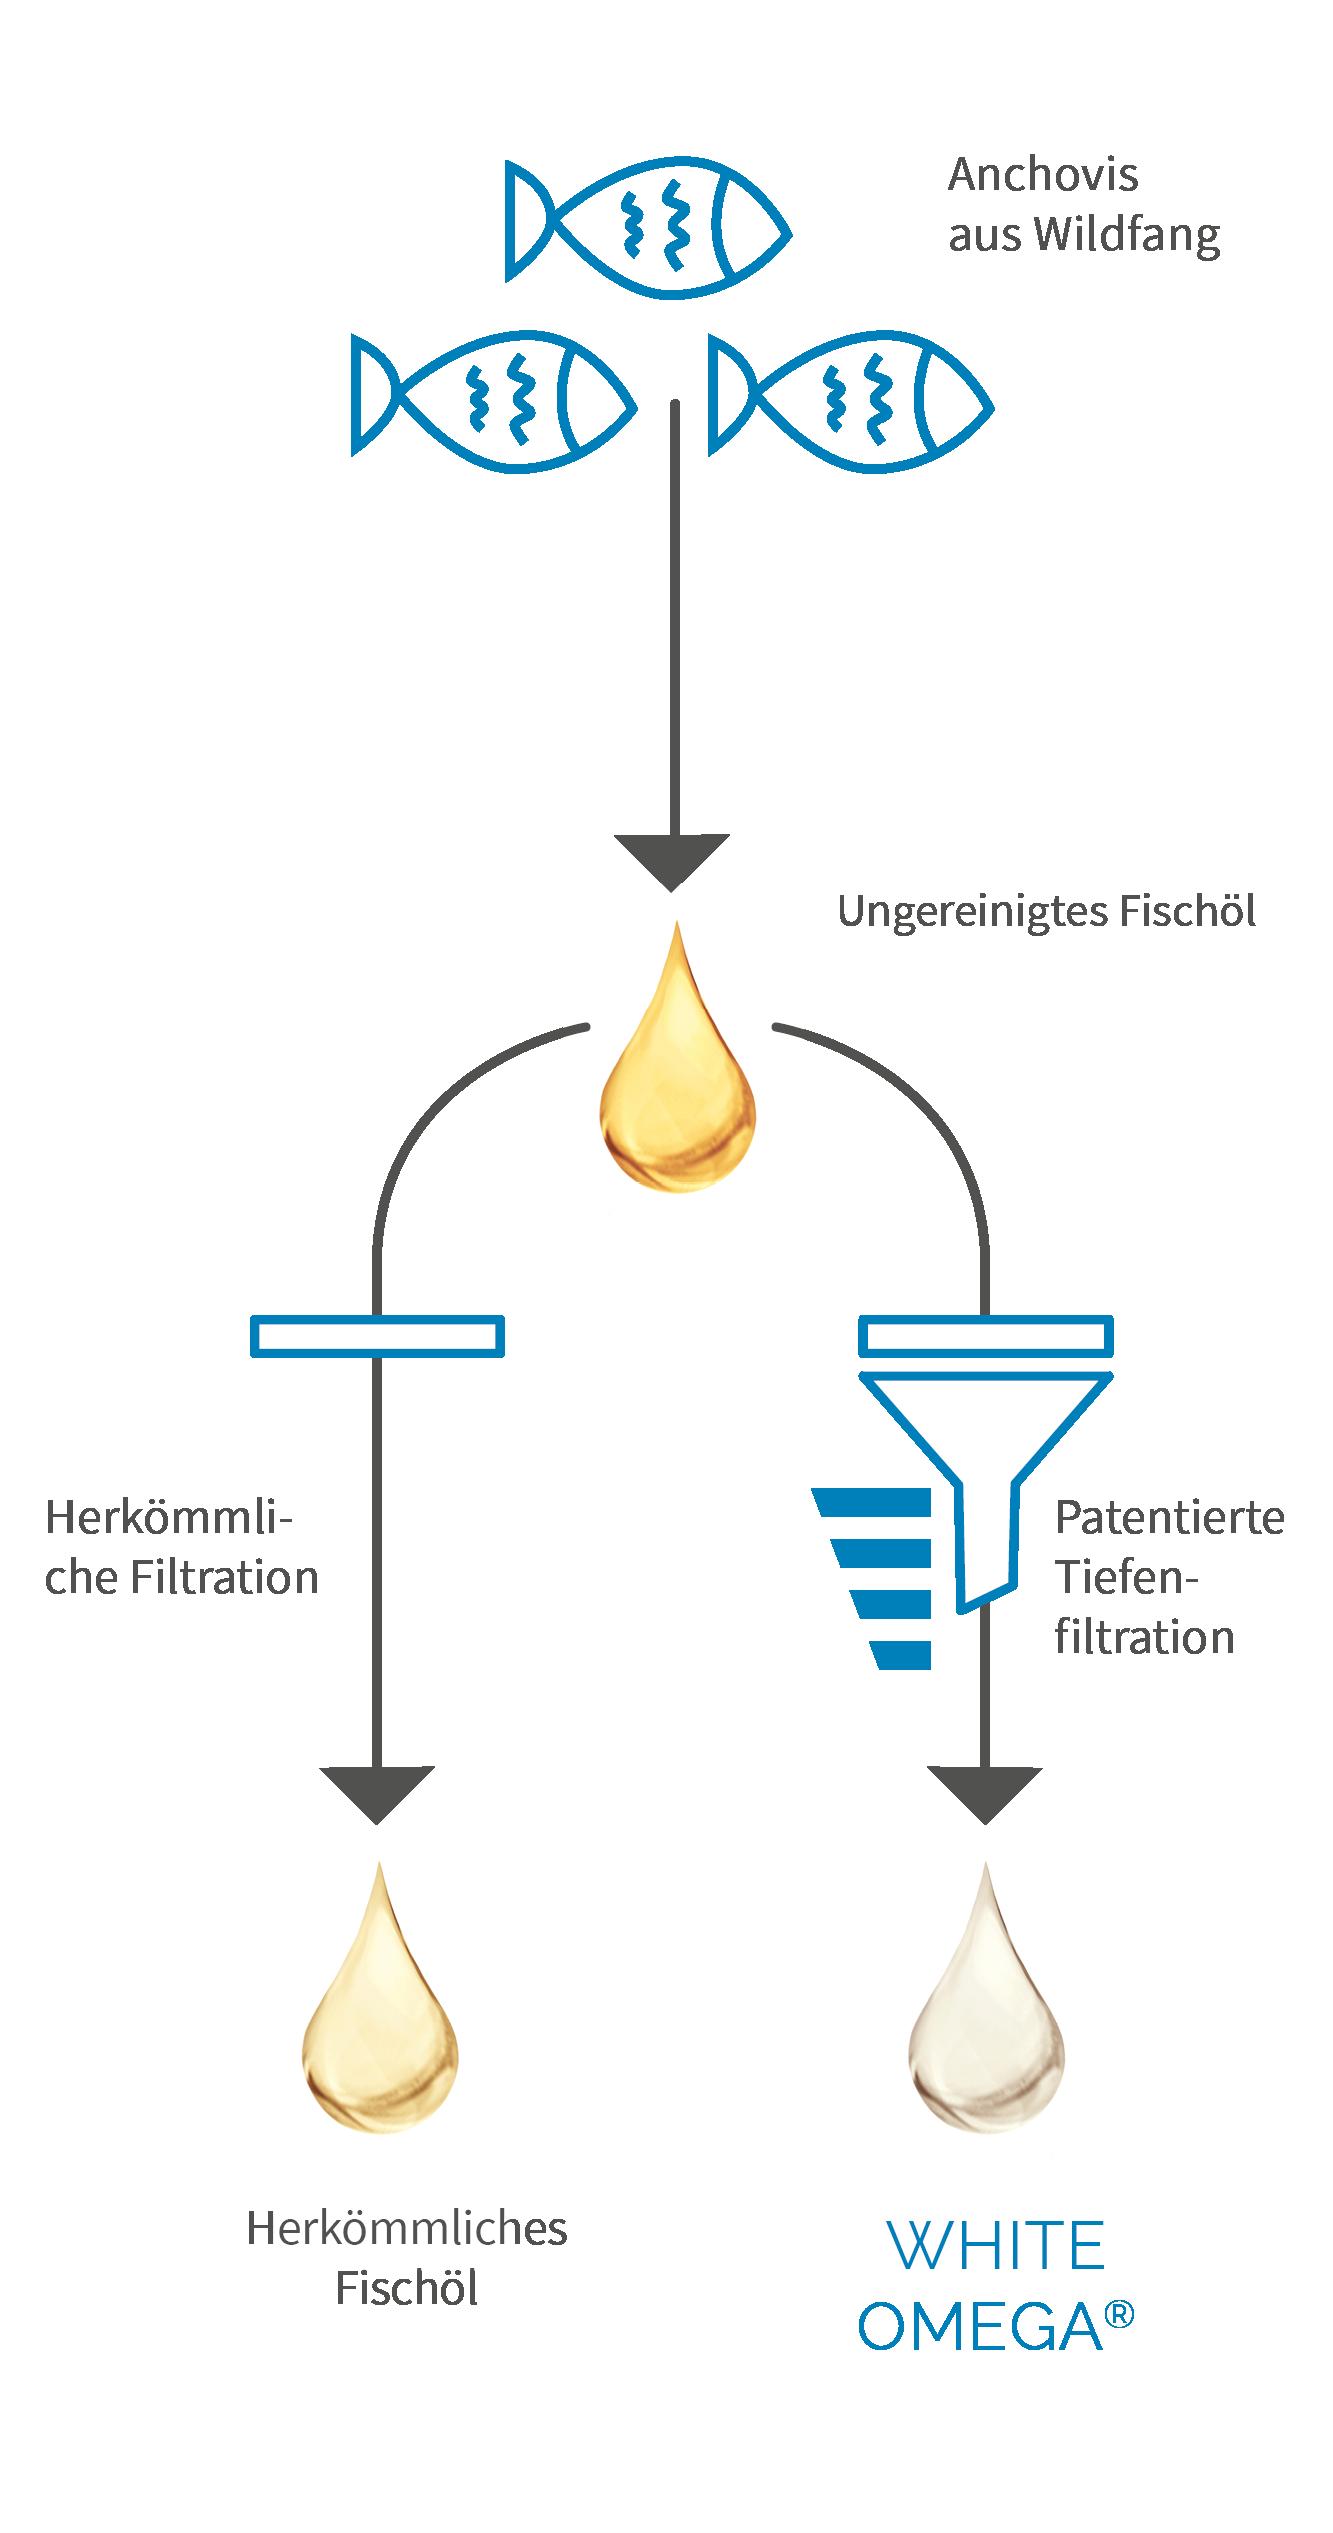 Grafik Tiefenfiltration von White Omega